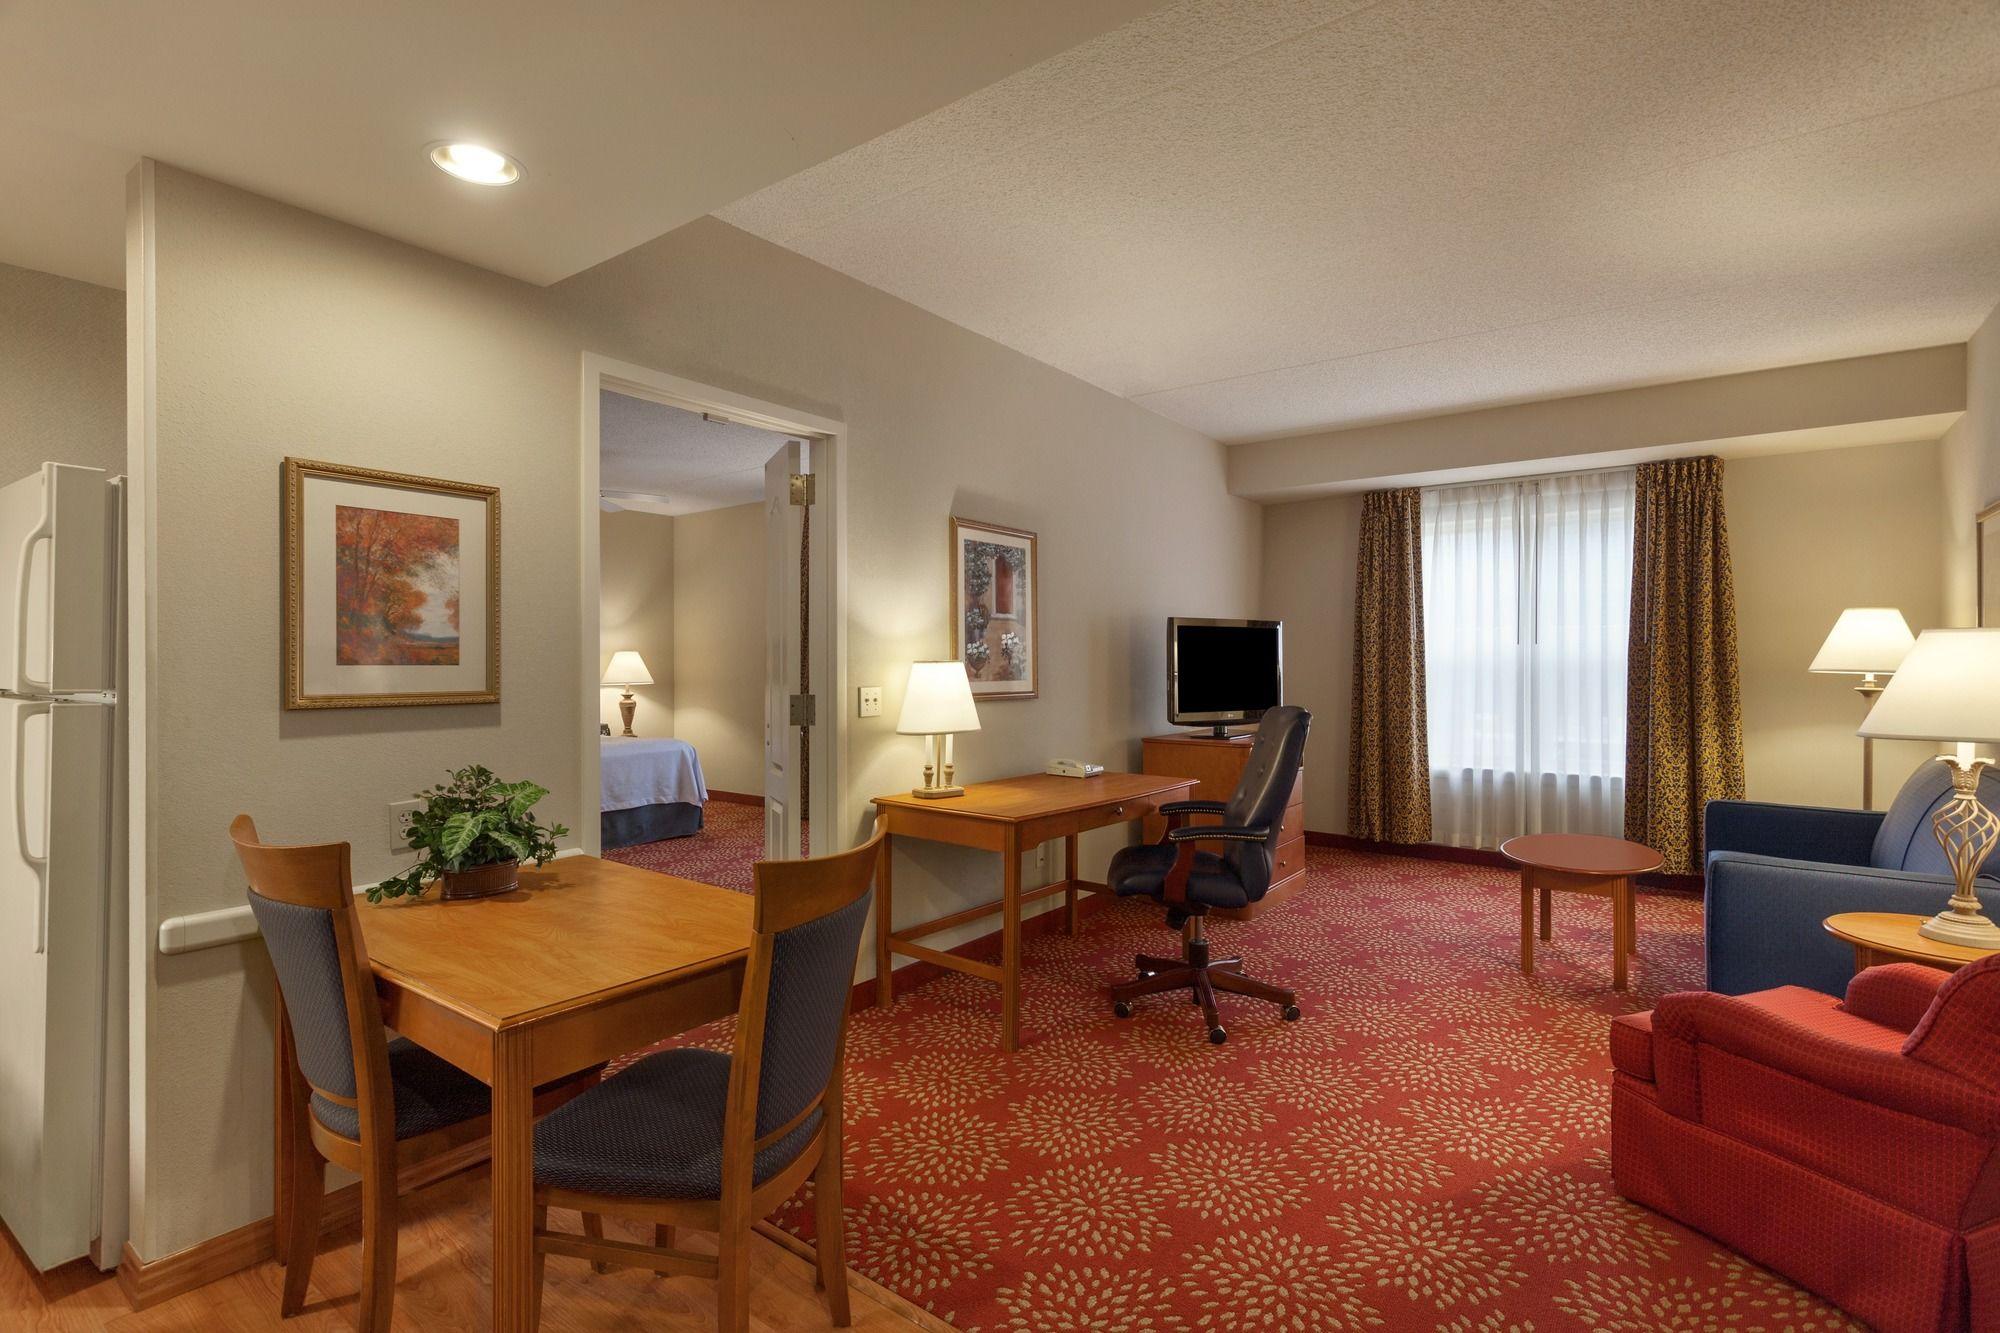 Harrisburg hotel coupons for harrisburg pennsylvania for Hilton garden inn harrisburg east